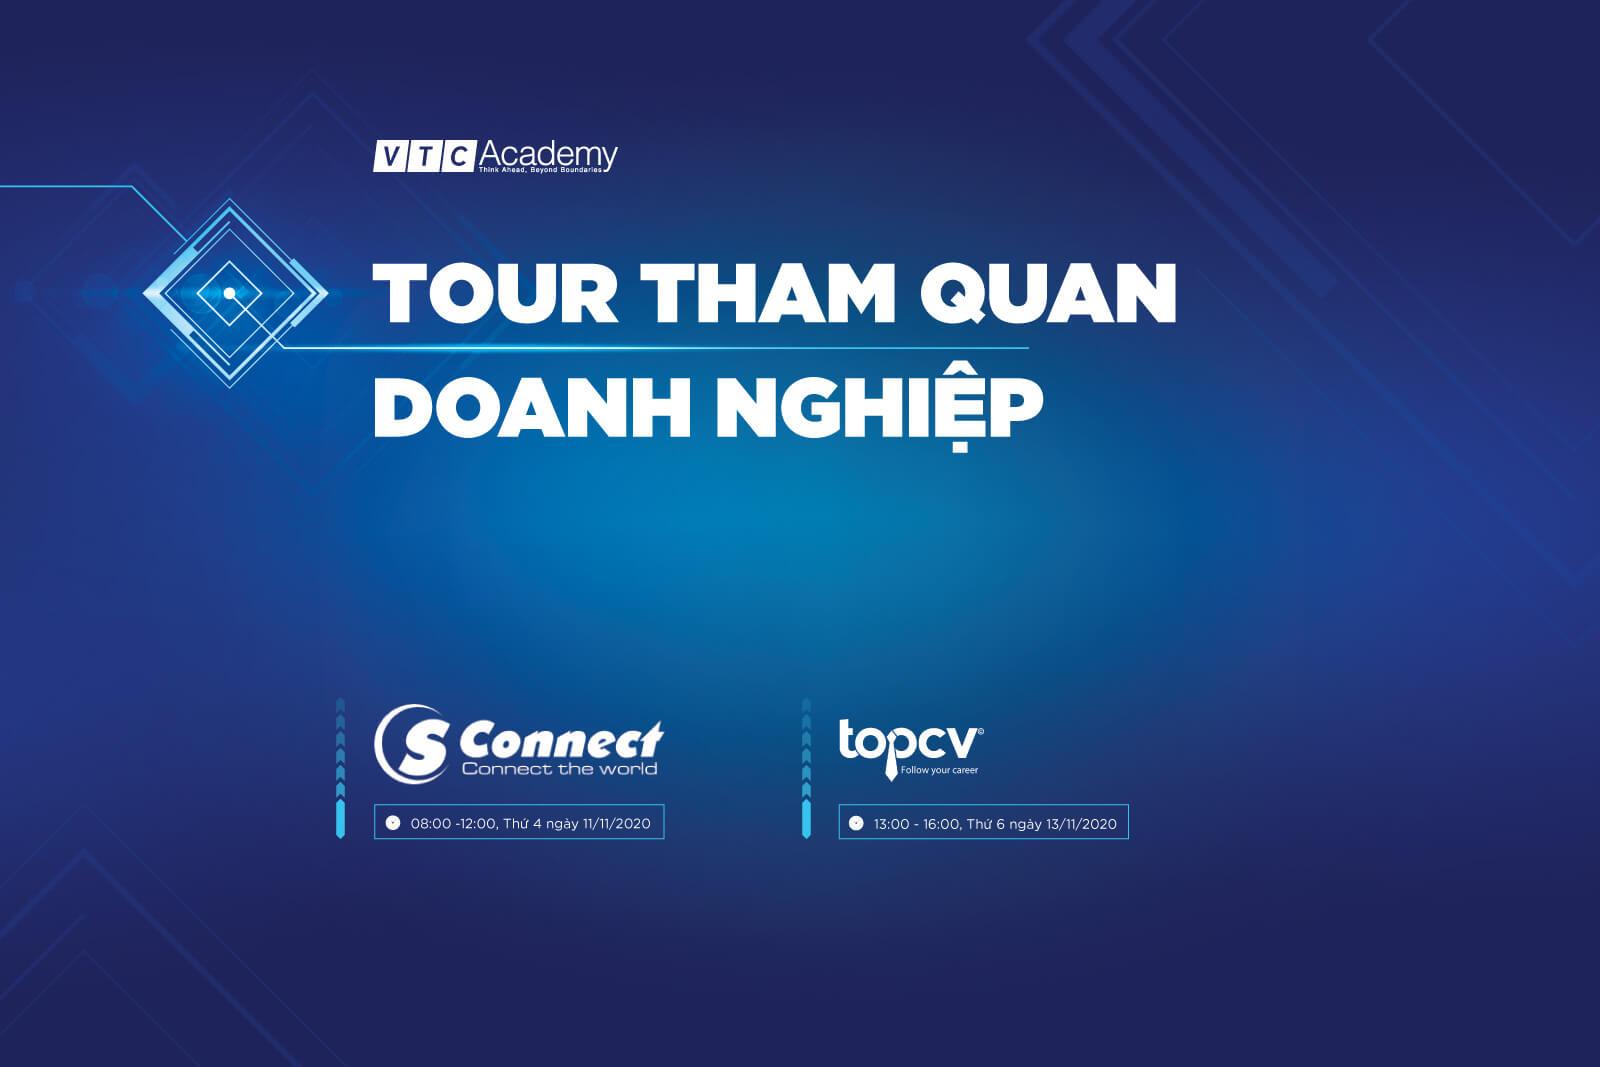 VTC Academy Hà Nội tổ chức tour tham quan doanh nghiệp trong tháng 11/2020 cho học viên